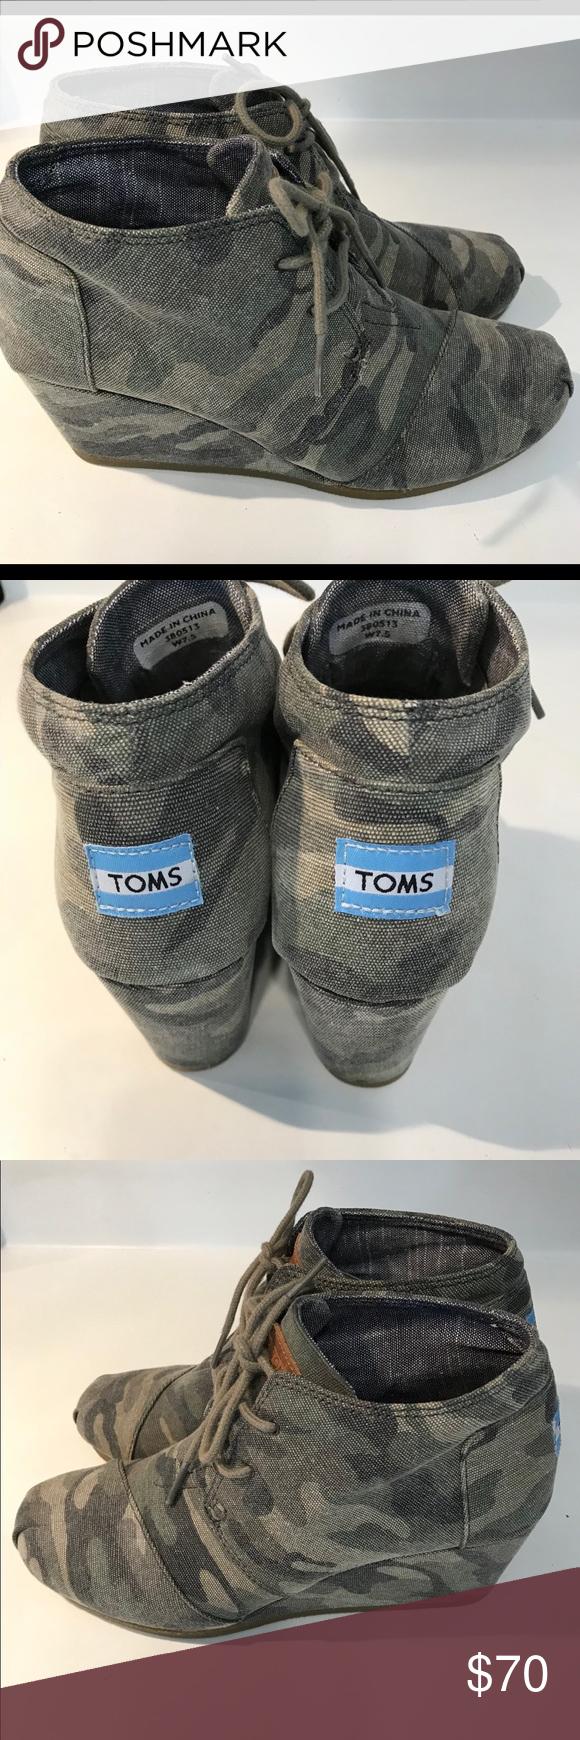 297613e7392 TOMS CAMO Desert Wedges EUC Toms Shoes Wedges